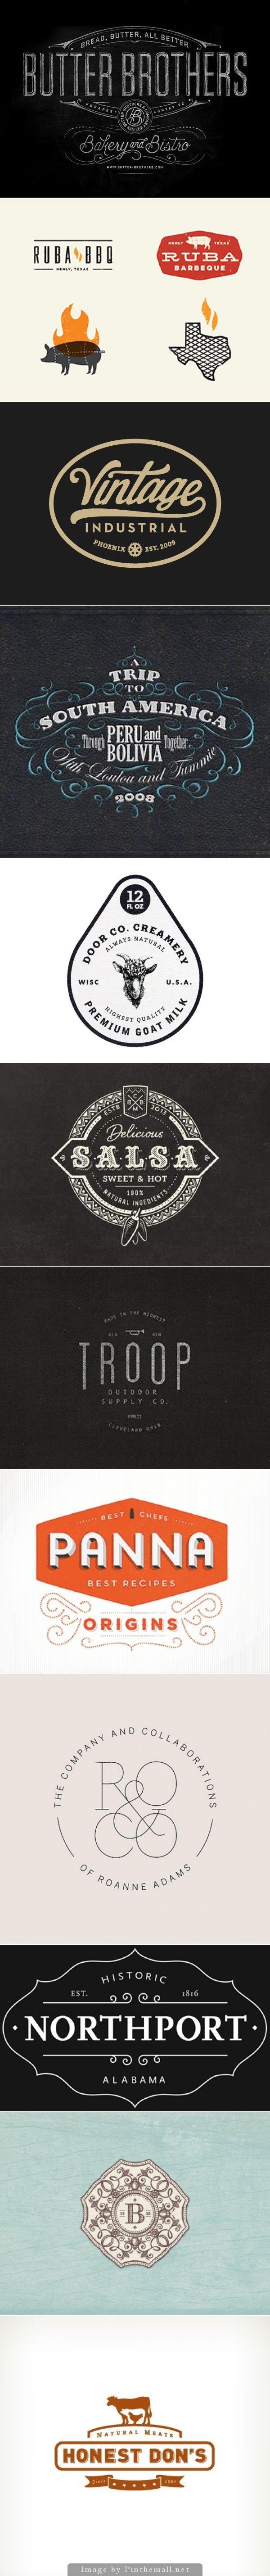 Vintage & Retro Logo Designs